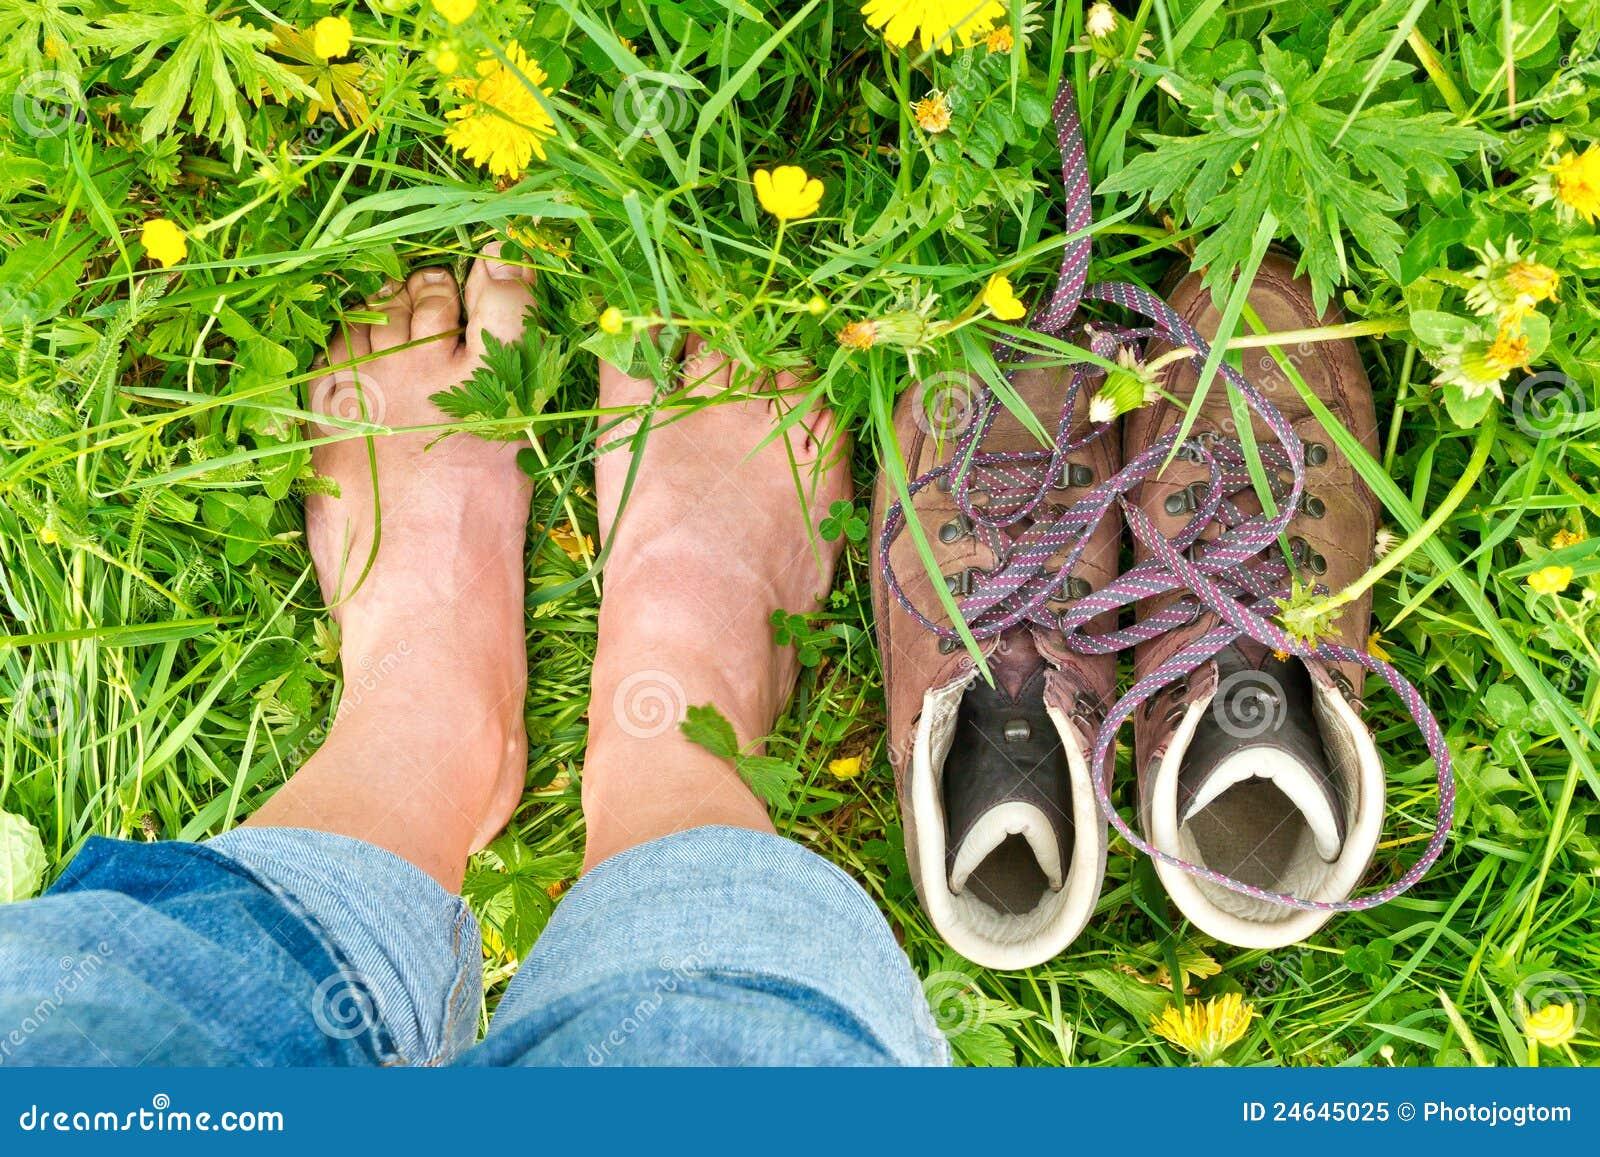 Hausse des gaines et des pieds